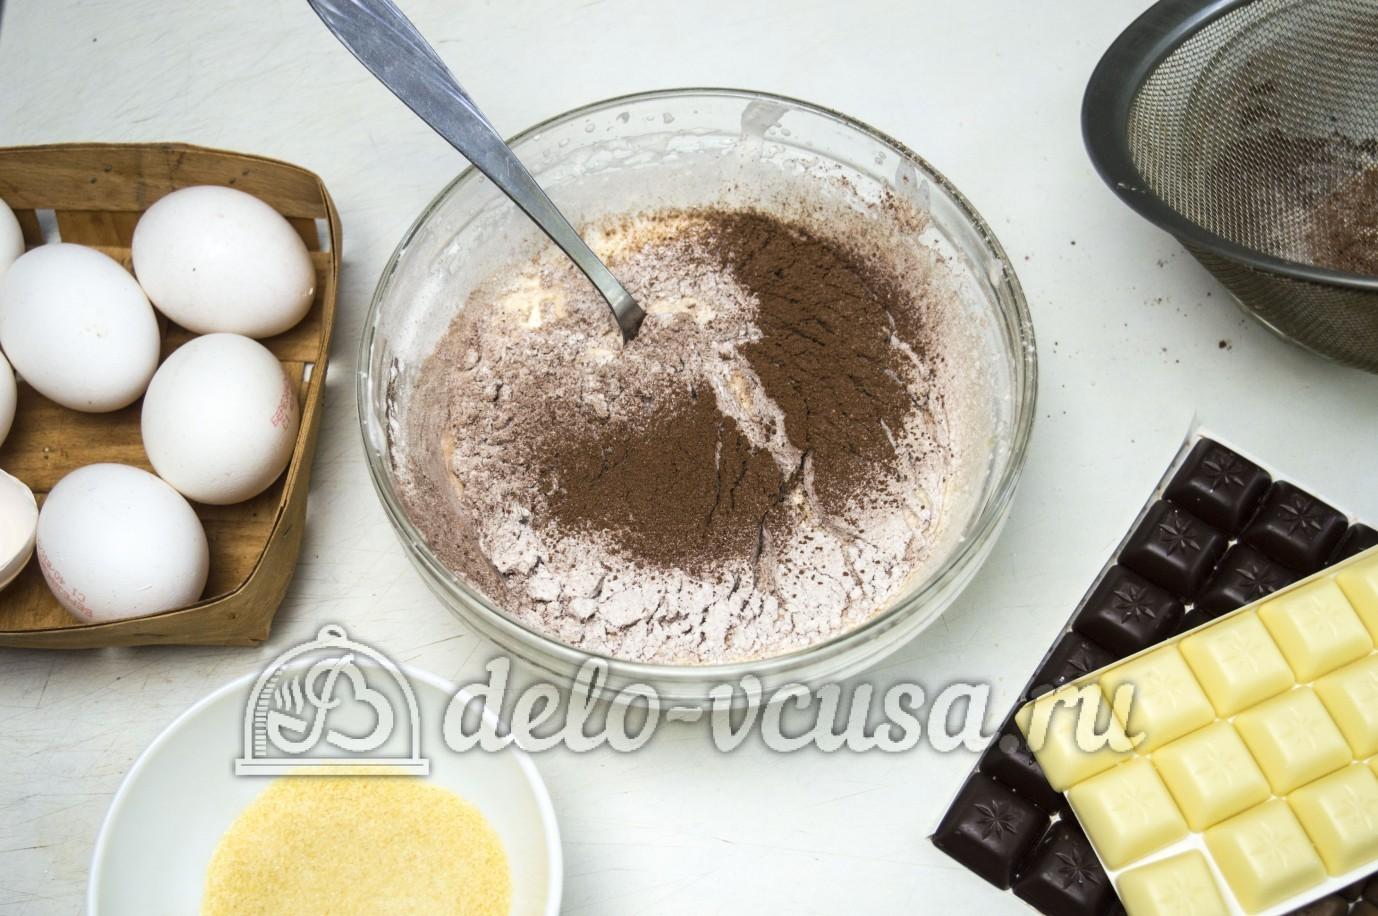 Шоколад из какао порошка на торт рецепт пошагово